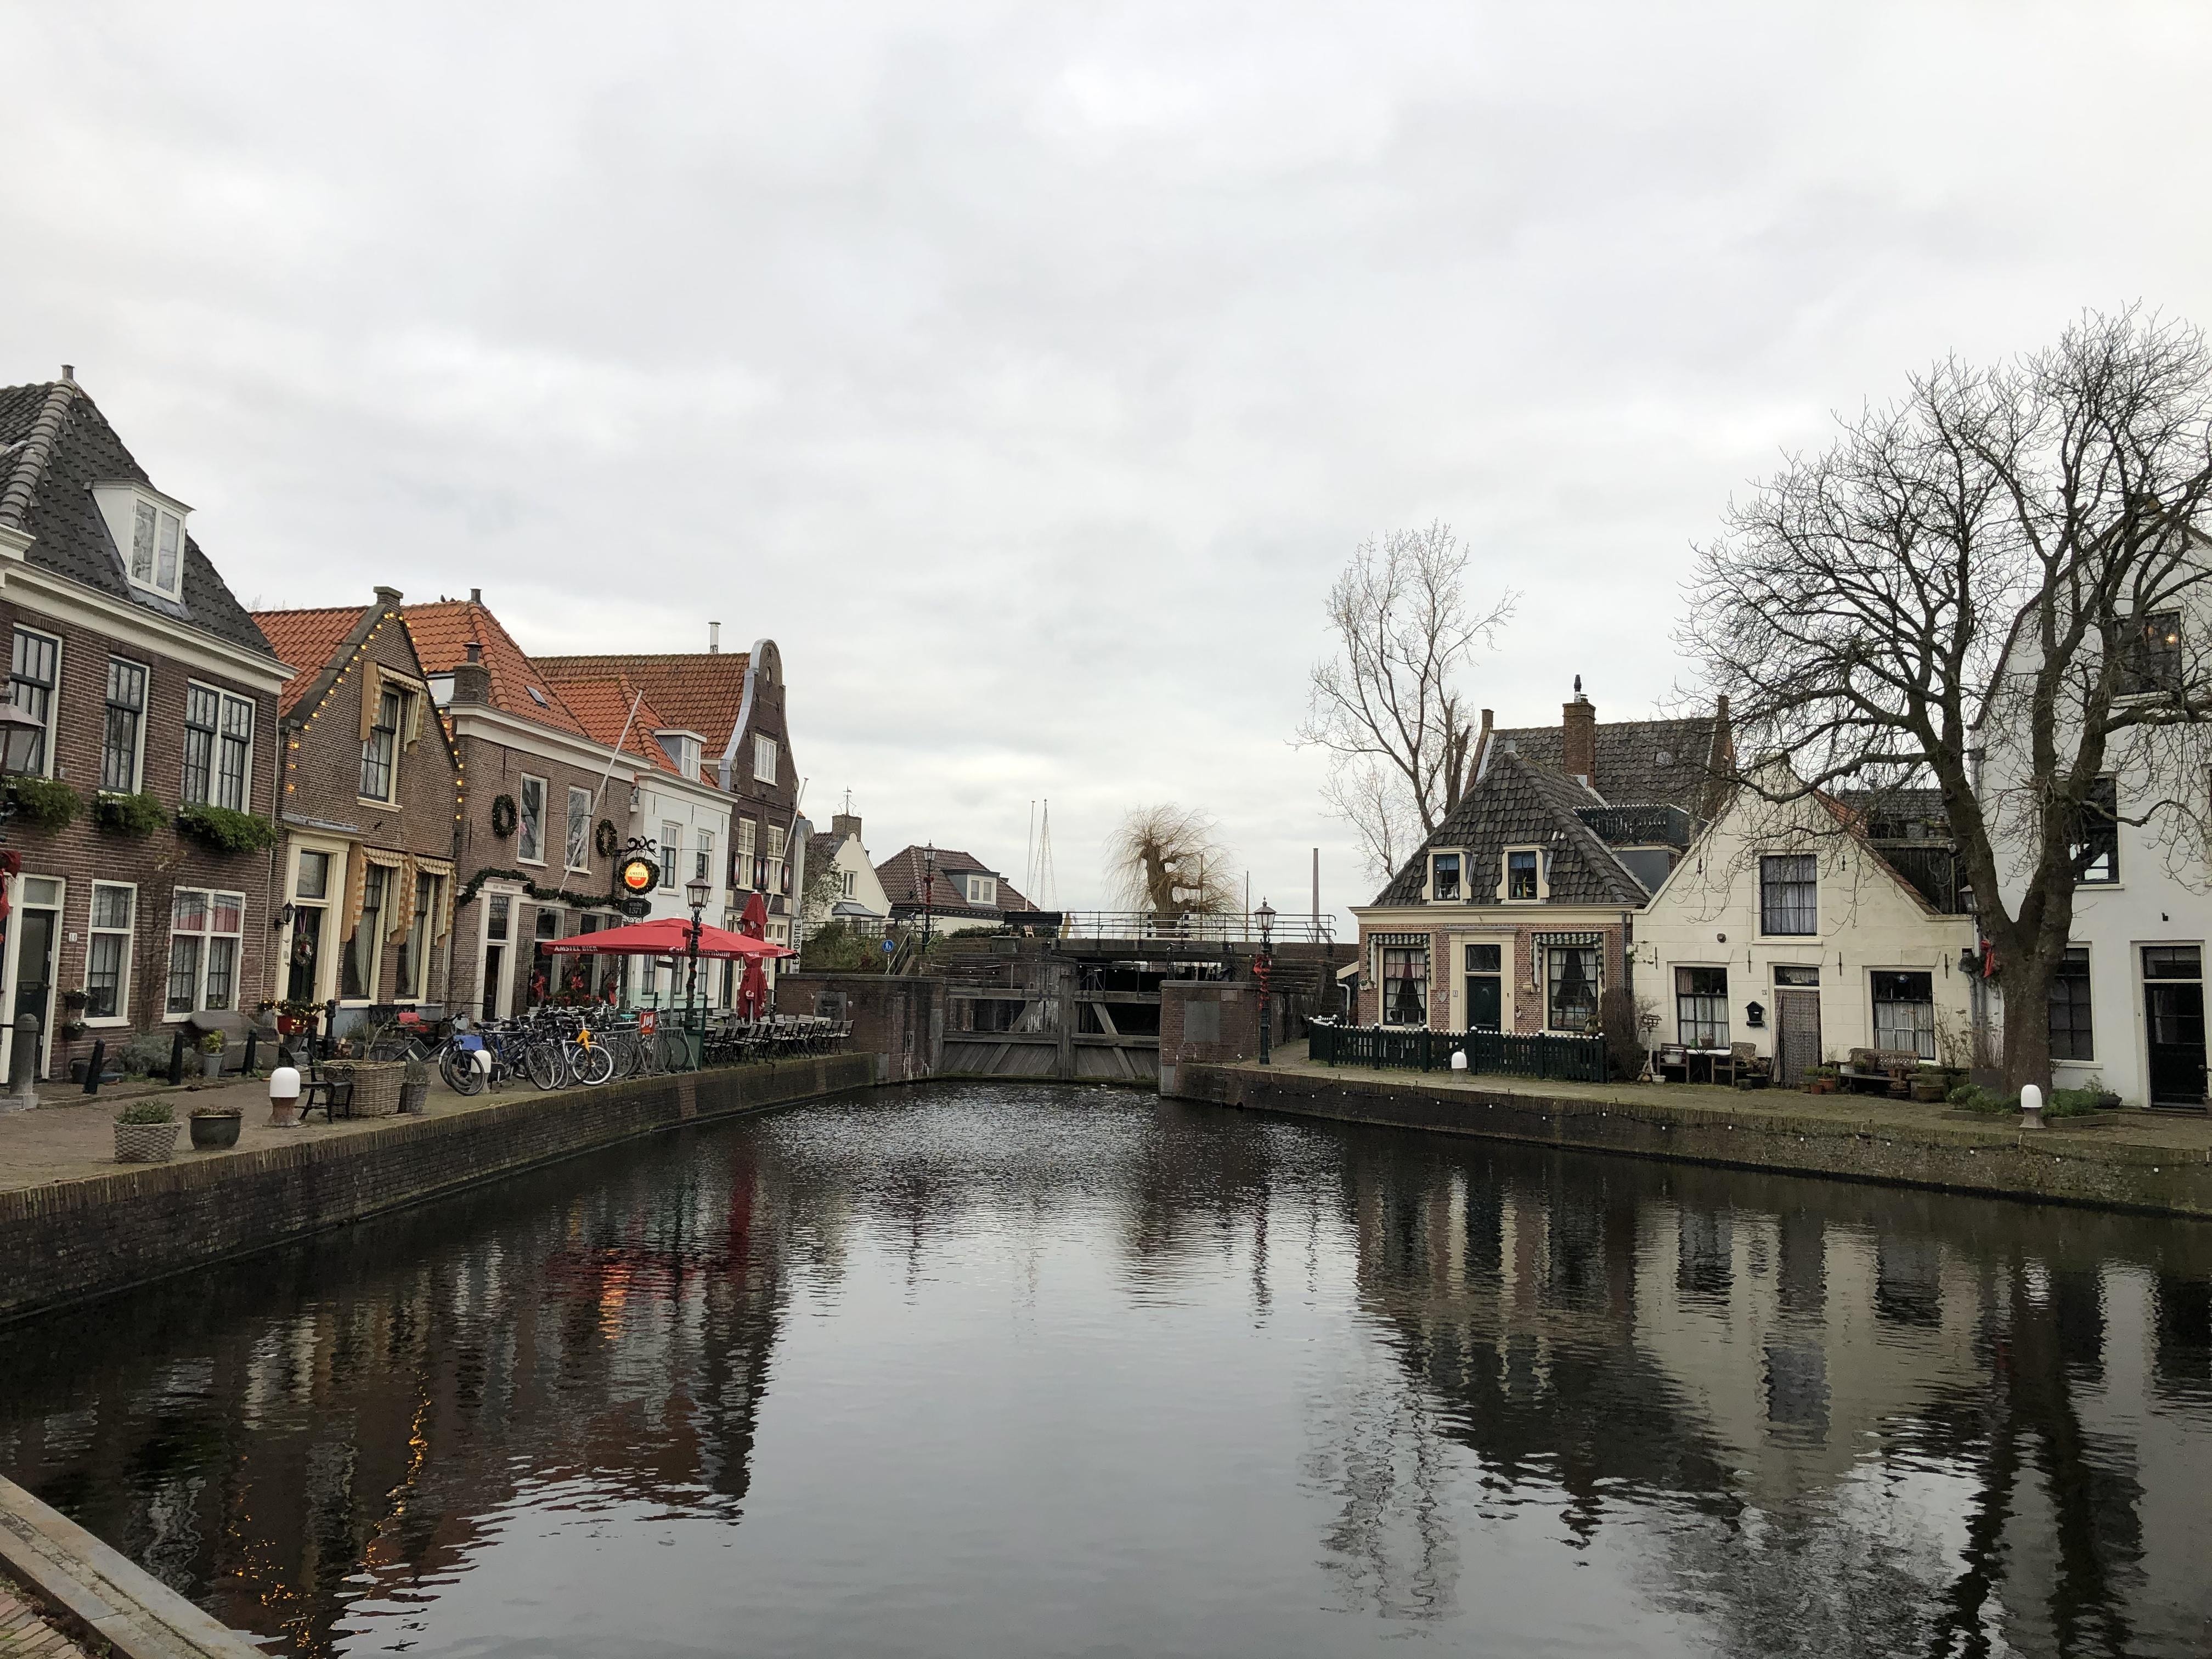 Monumentale kademuren van Kolksluis Spaarndam in november vervangen